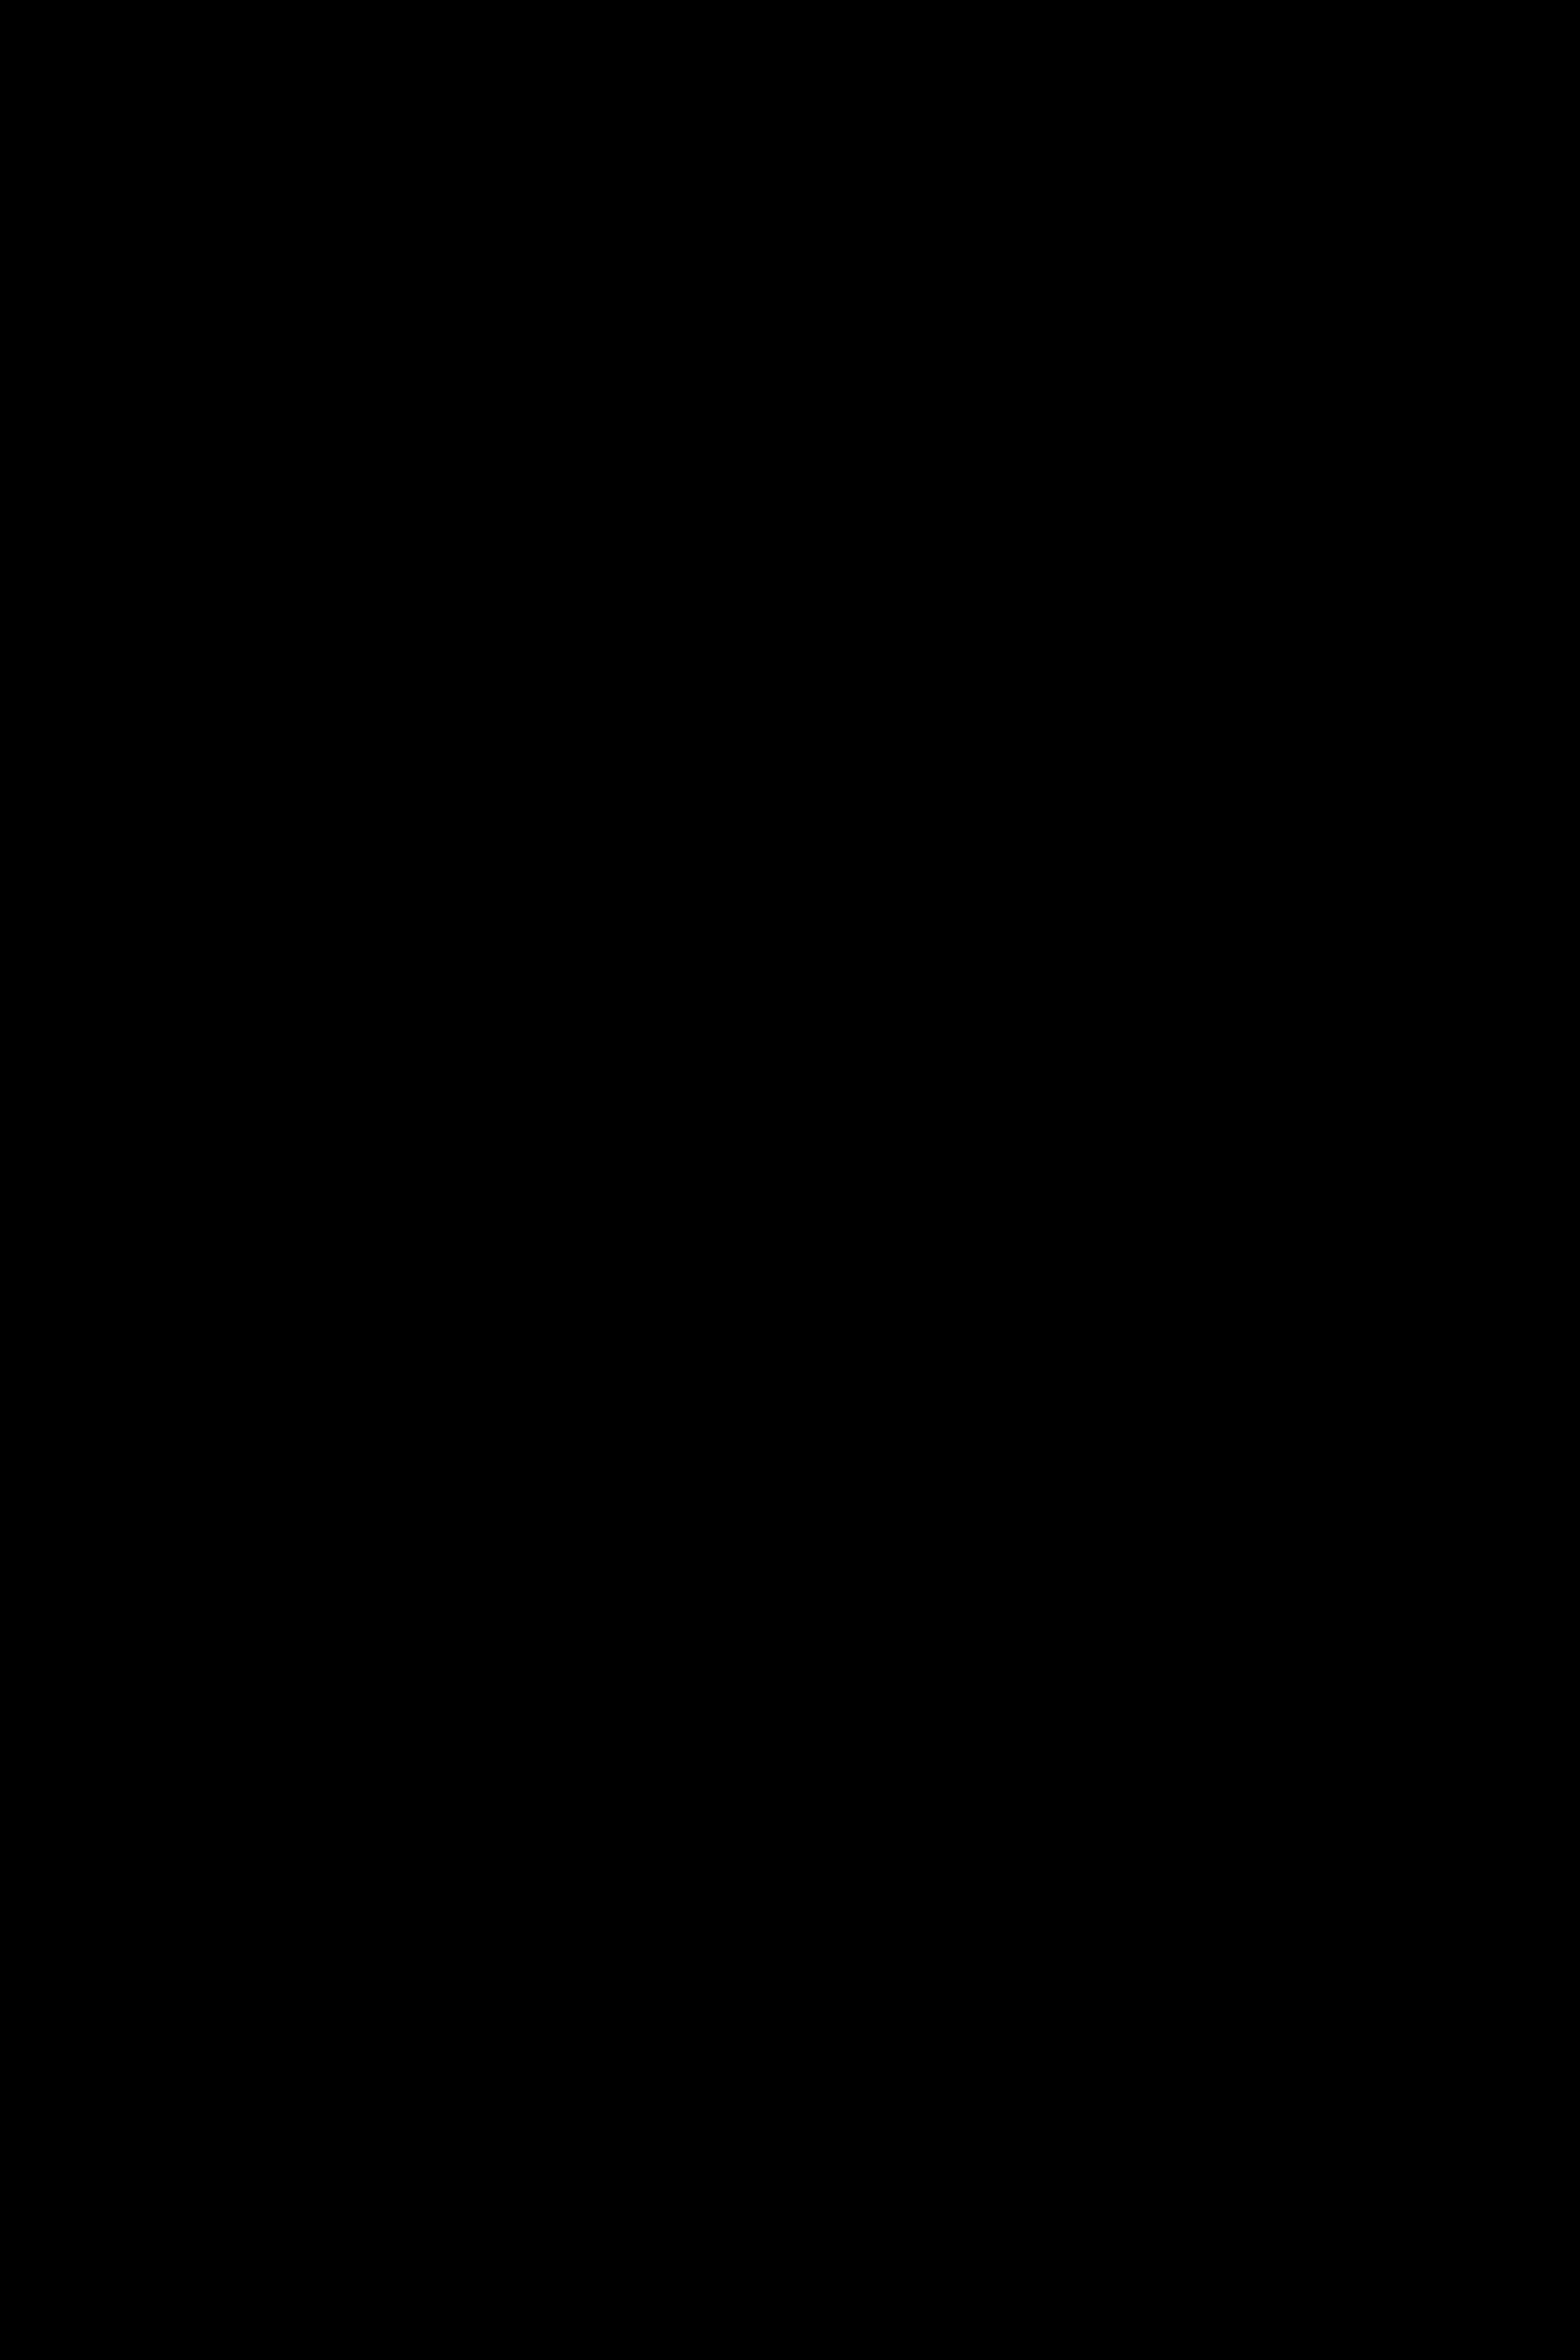 1600x2400 Black Clipart Pear